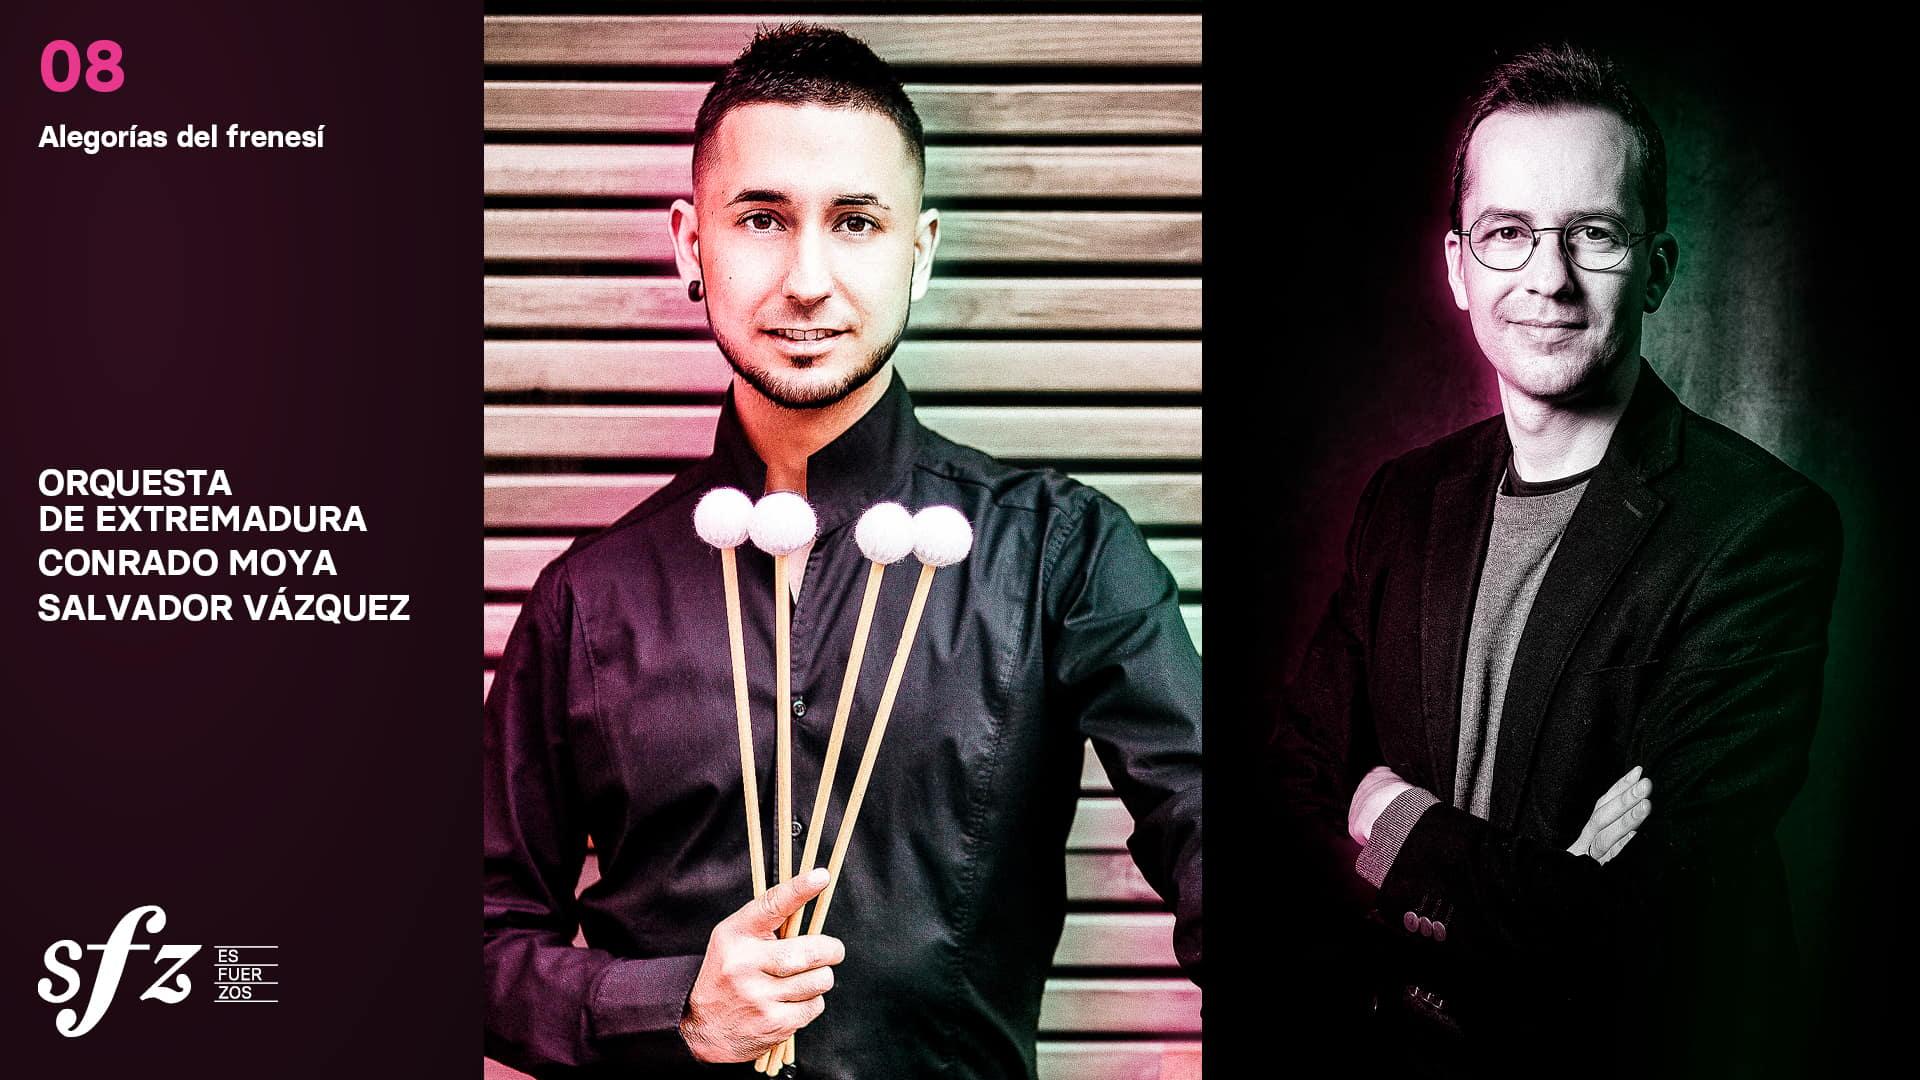 Programa 08. Conrado Moya y Salvador Vázquez